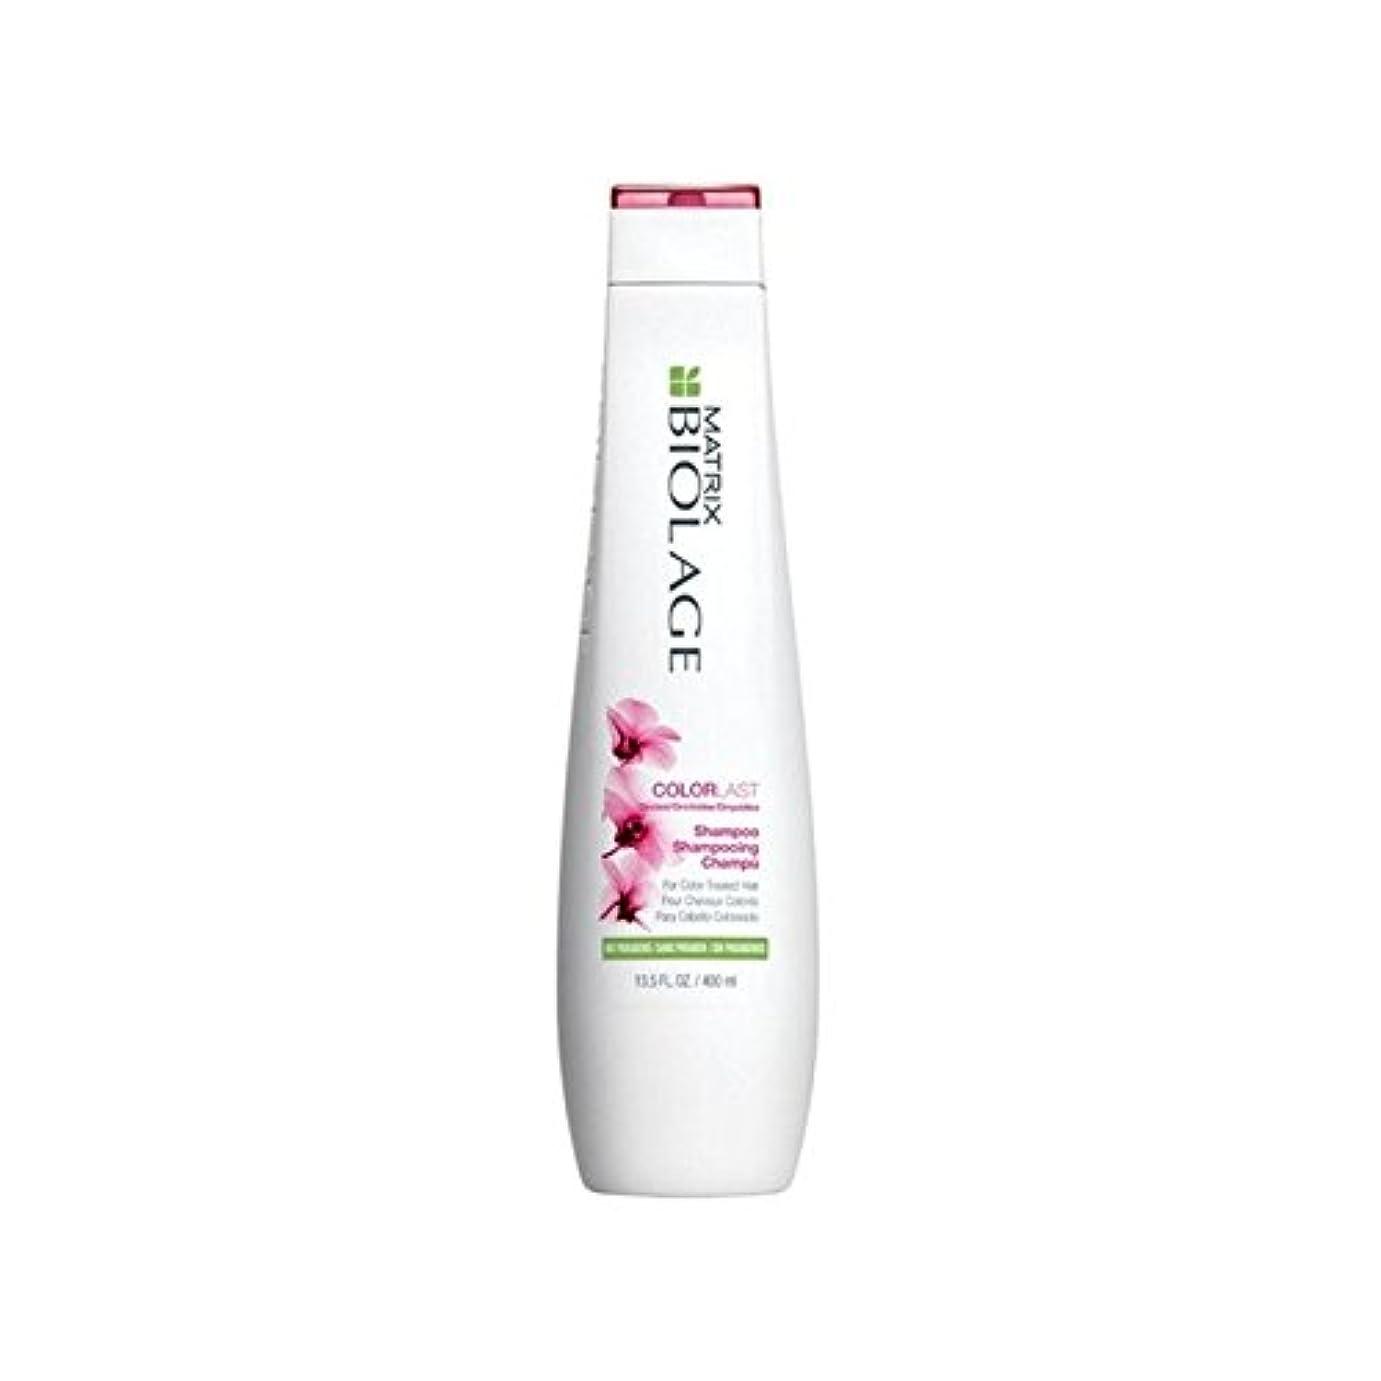 繊細迫害換気する行列のバイオレイジシャンプー400ミリリットル x4 - Matrix Biolage Colorlast Shampoo 400ml (Pack of 4) [並行輸入品]